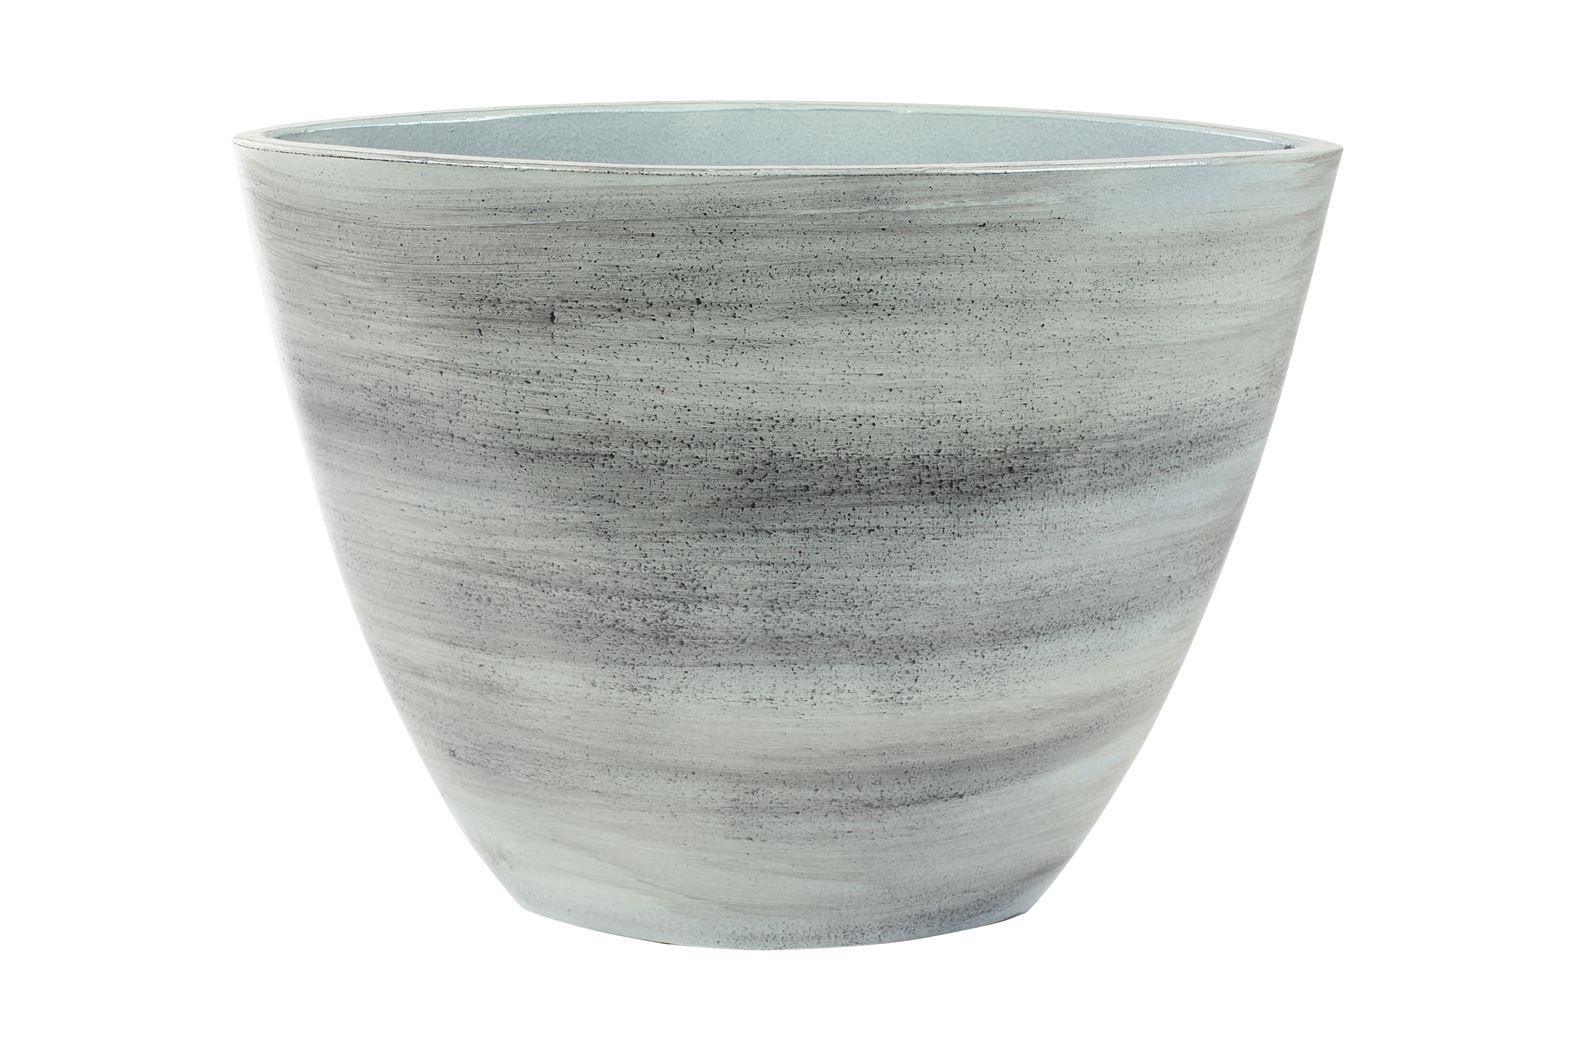 planter-cresta-ice-blue